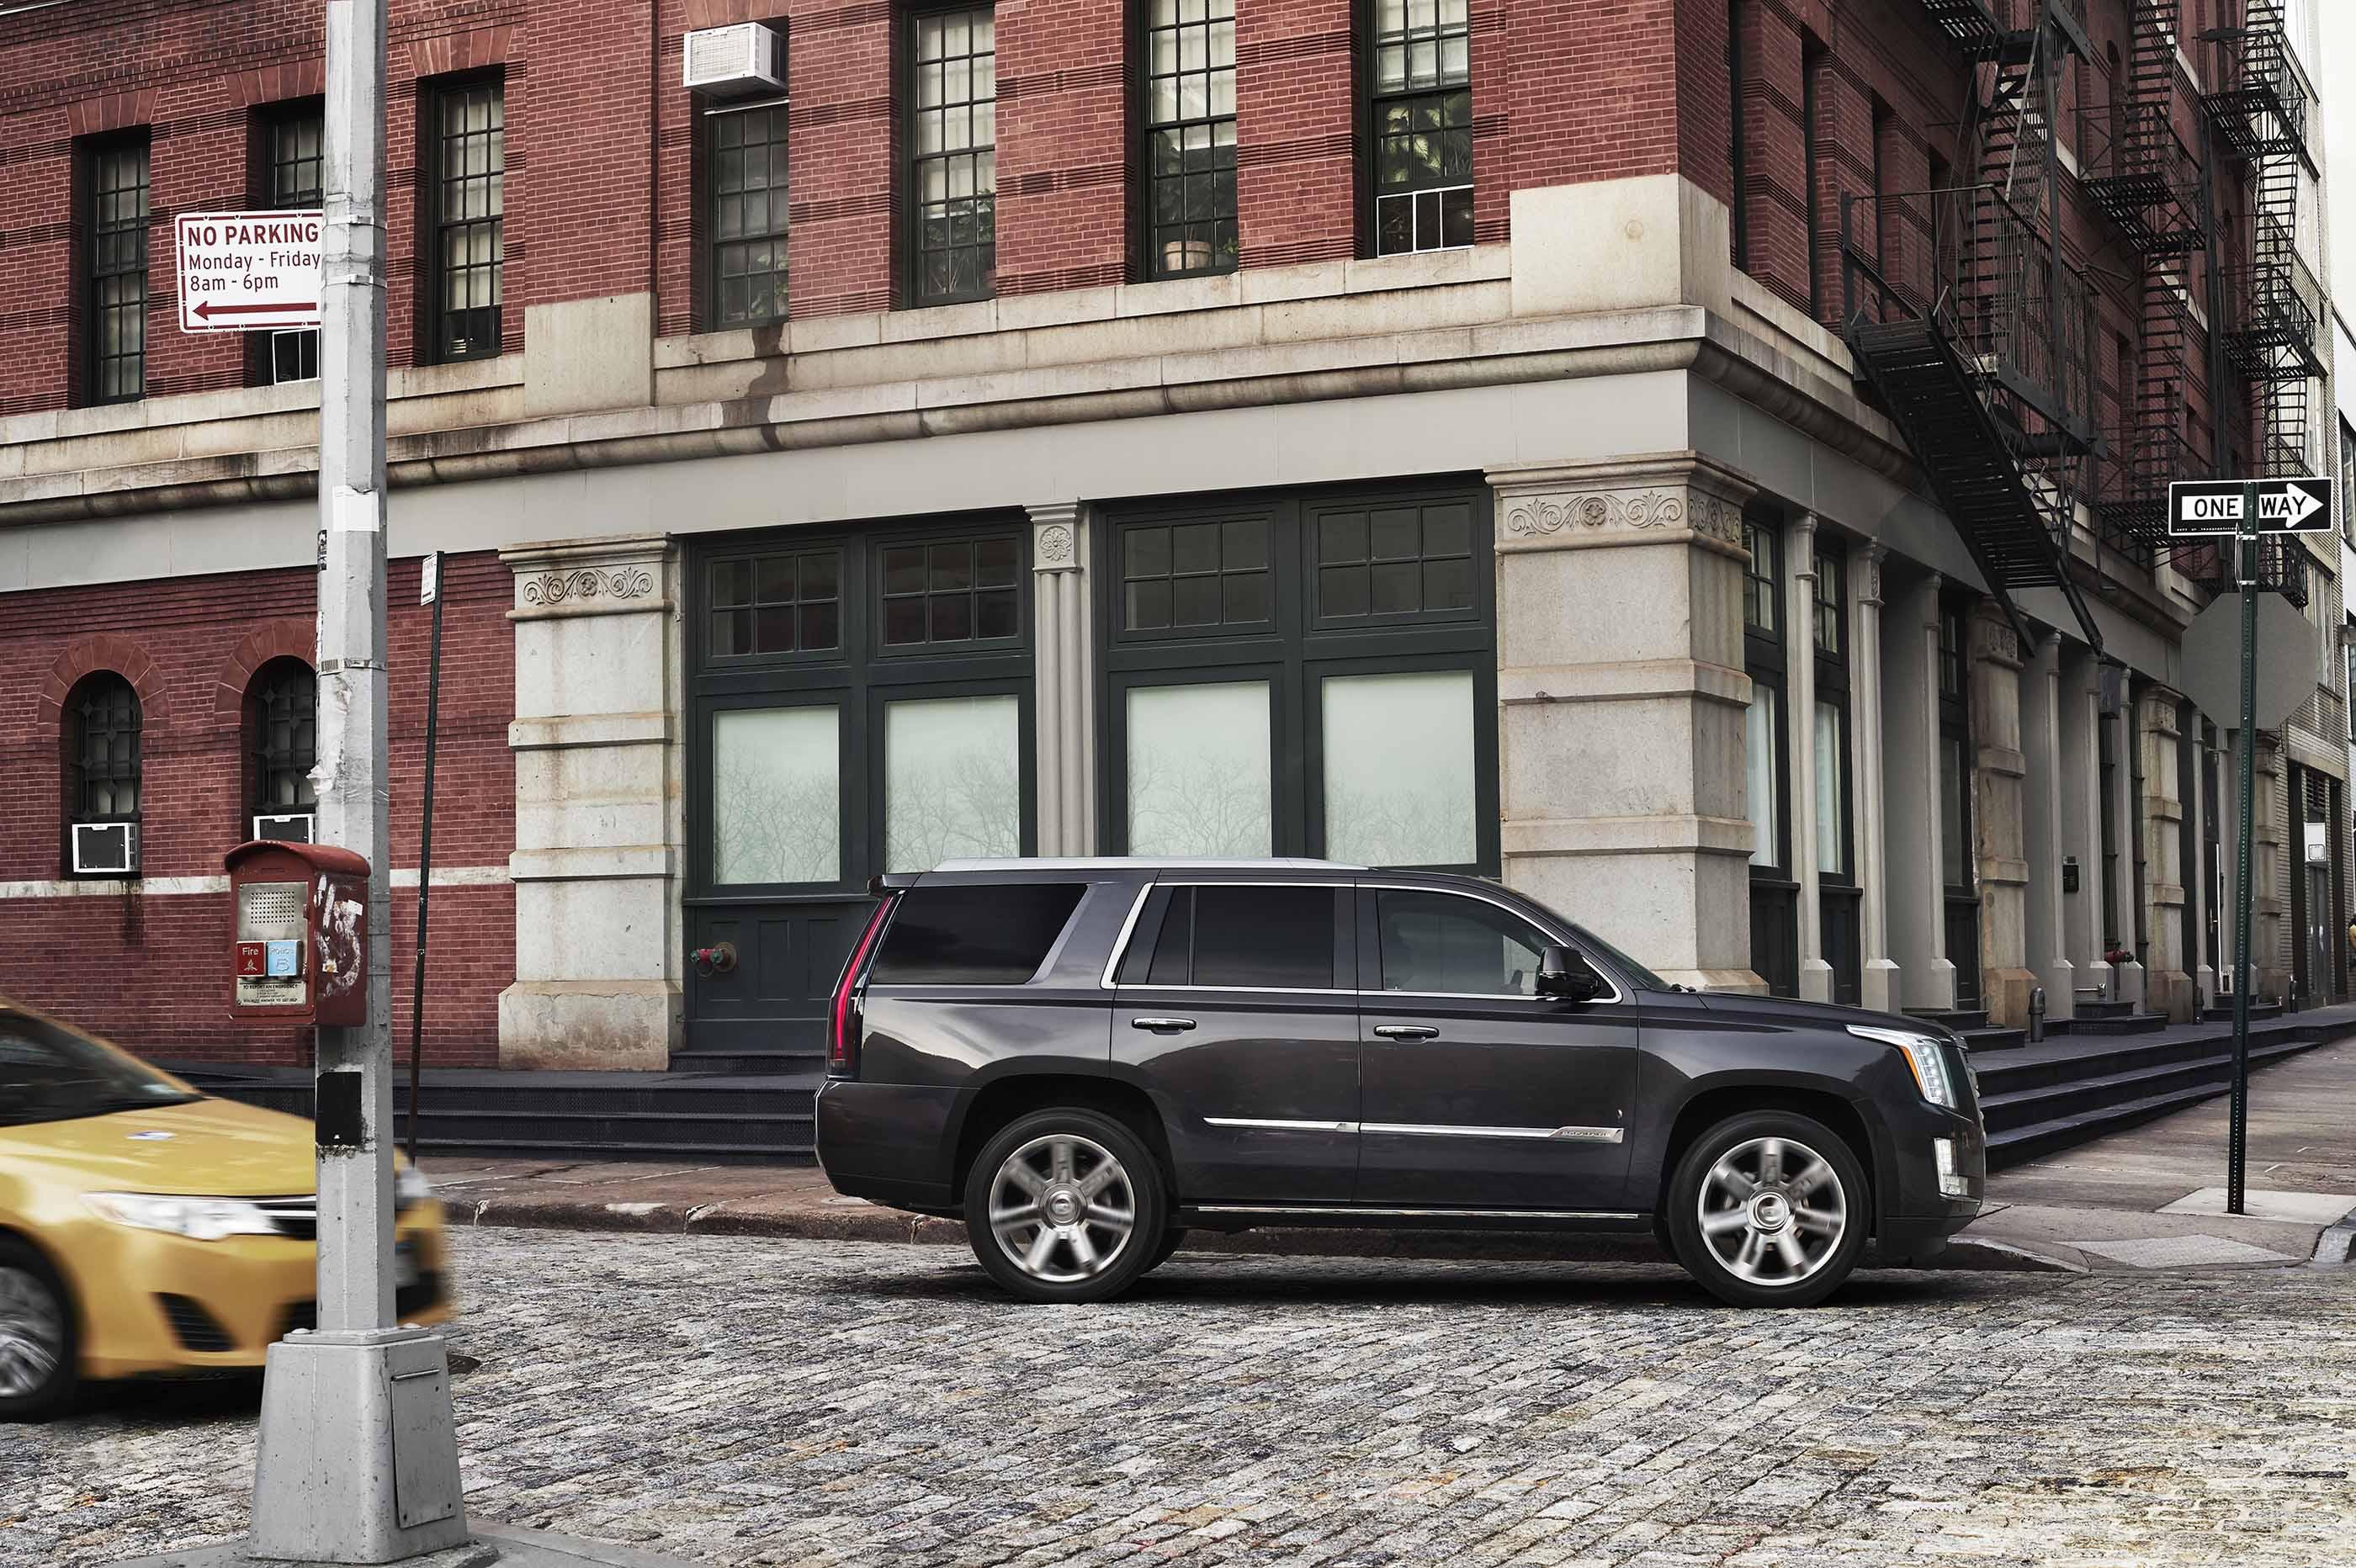 Cadillac Evening News >> Cadillac Escalade News Breaking News Photos Videos